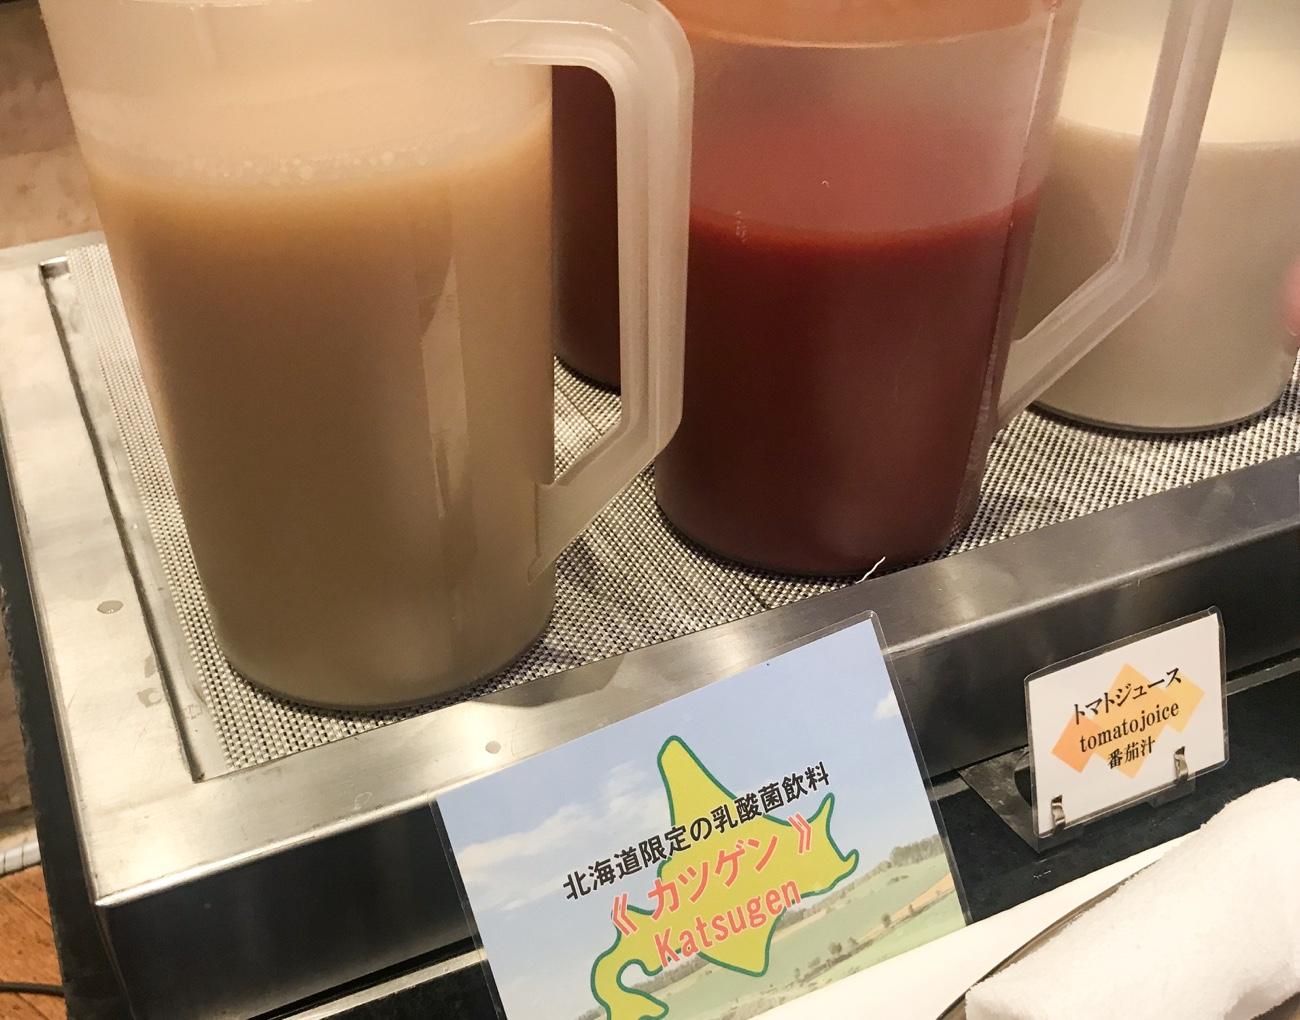 北海道限定 乳酸菌飲料カツゲン ホテルニューオータニイン札幌の朝食